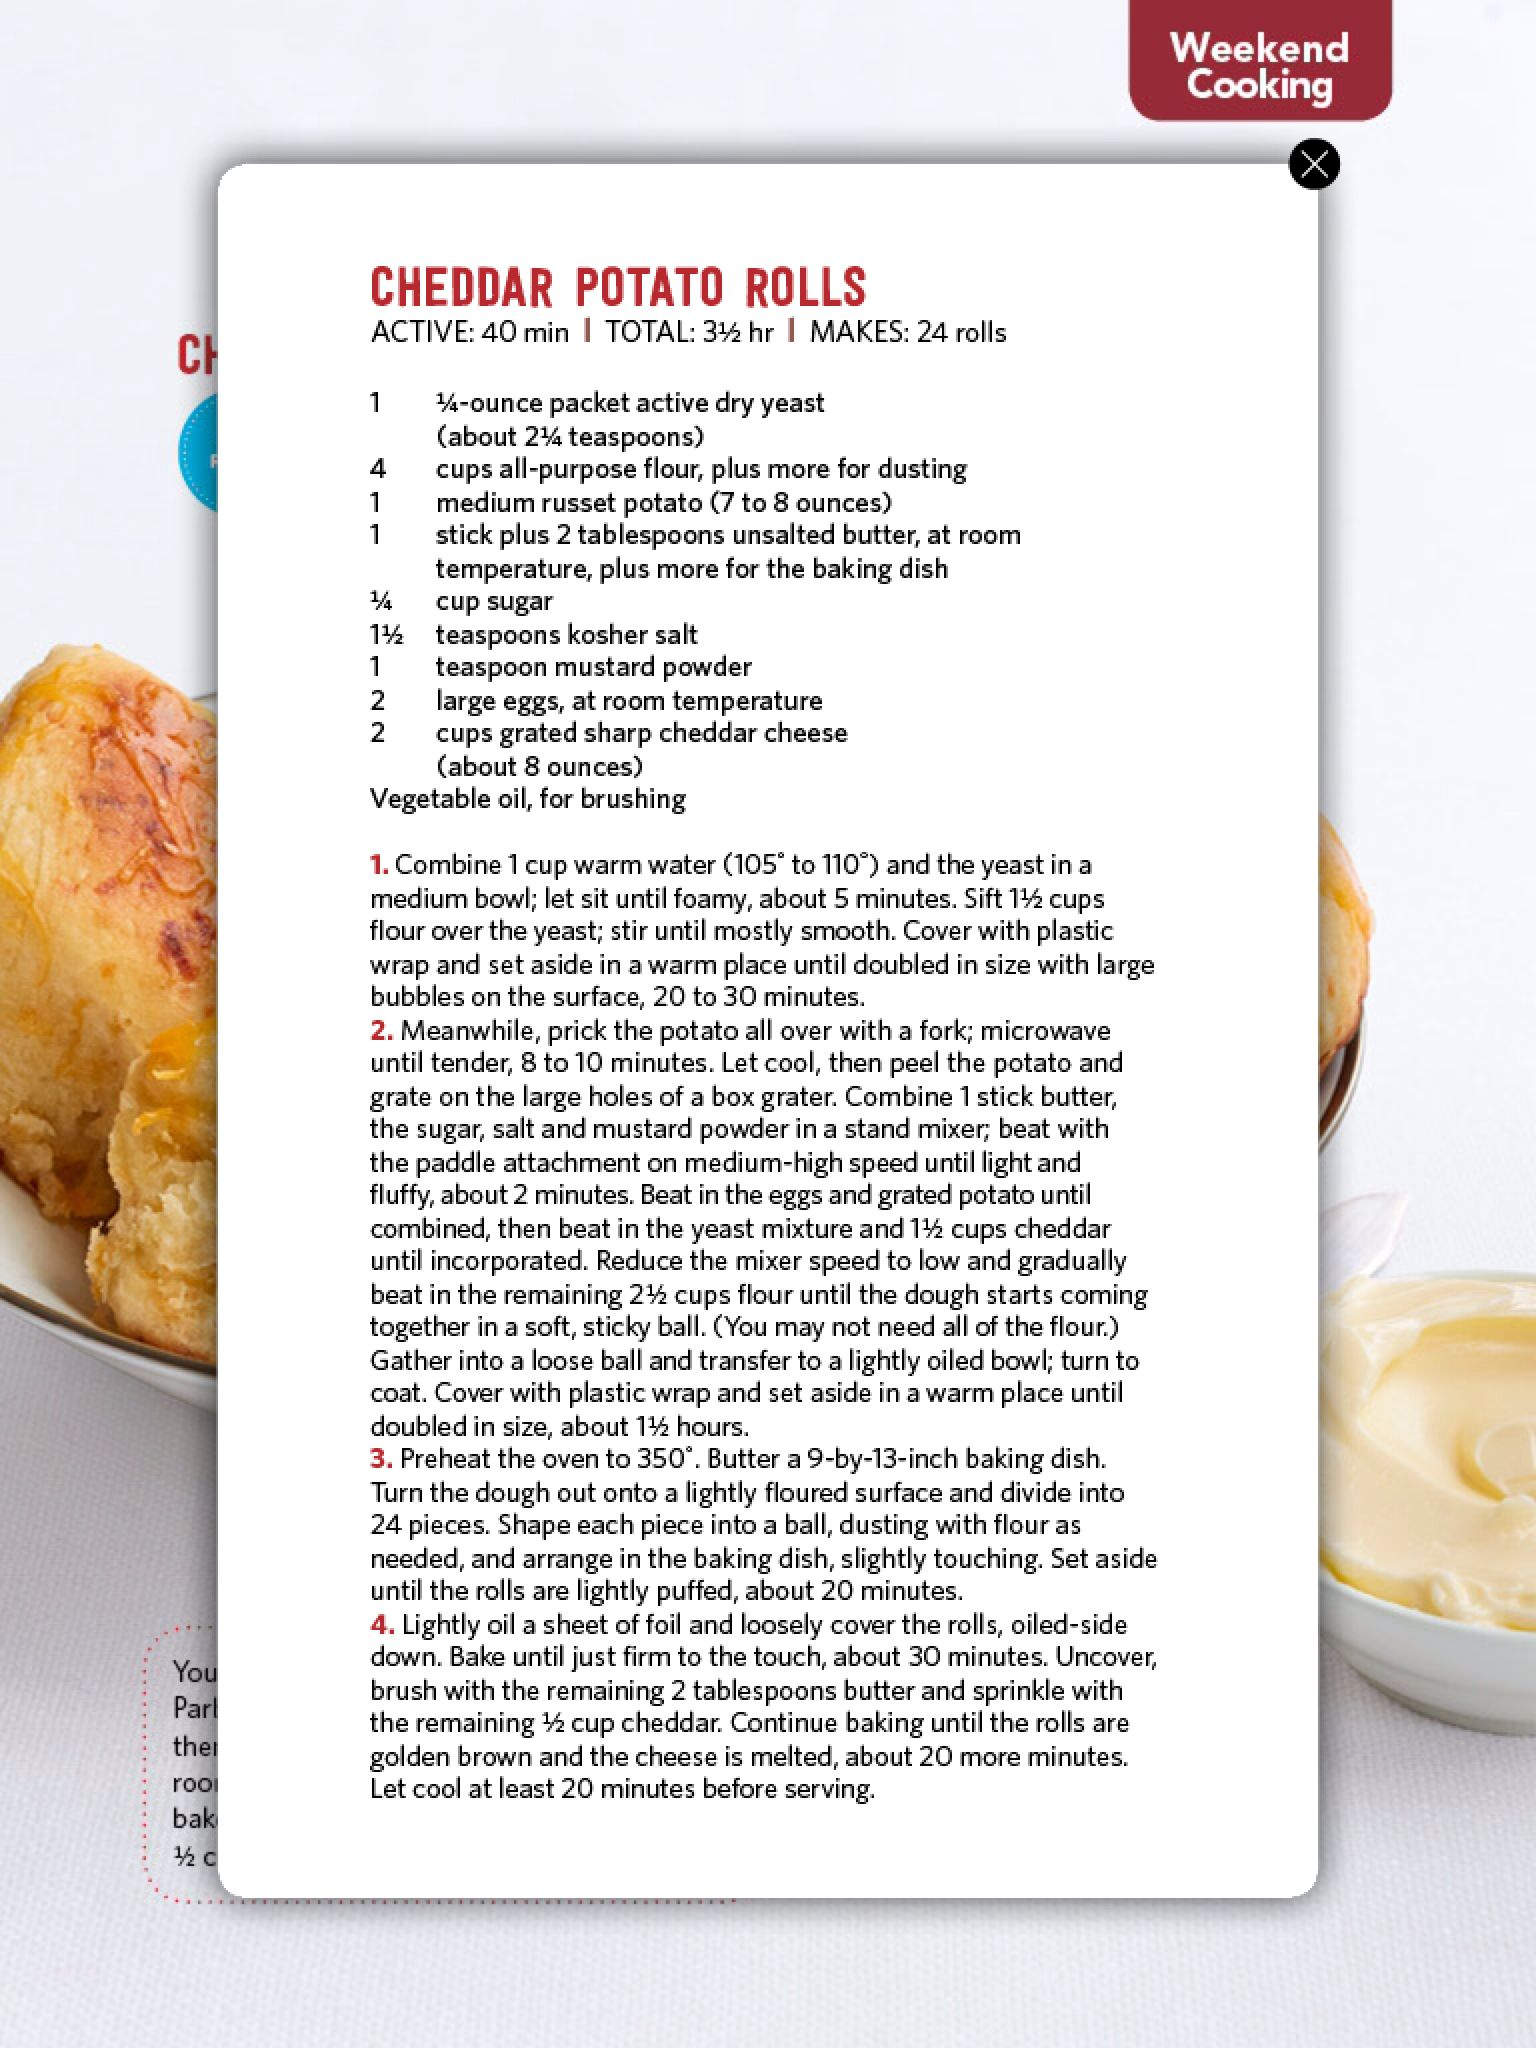 Cheddar potato rolls